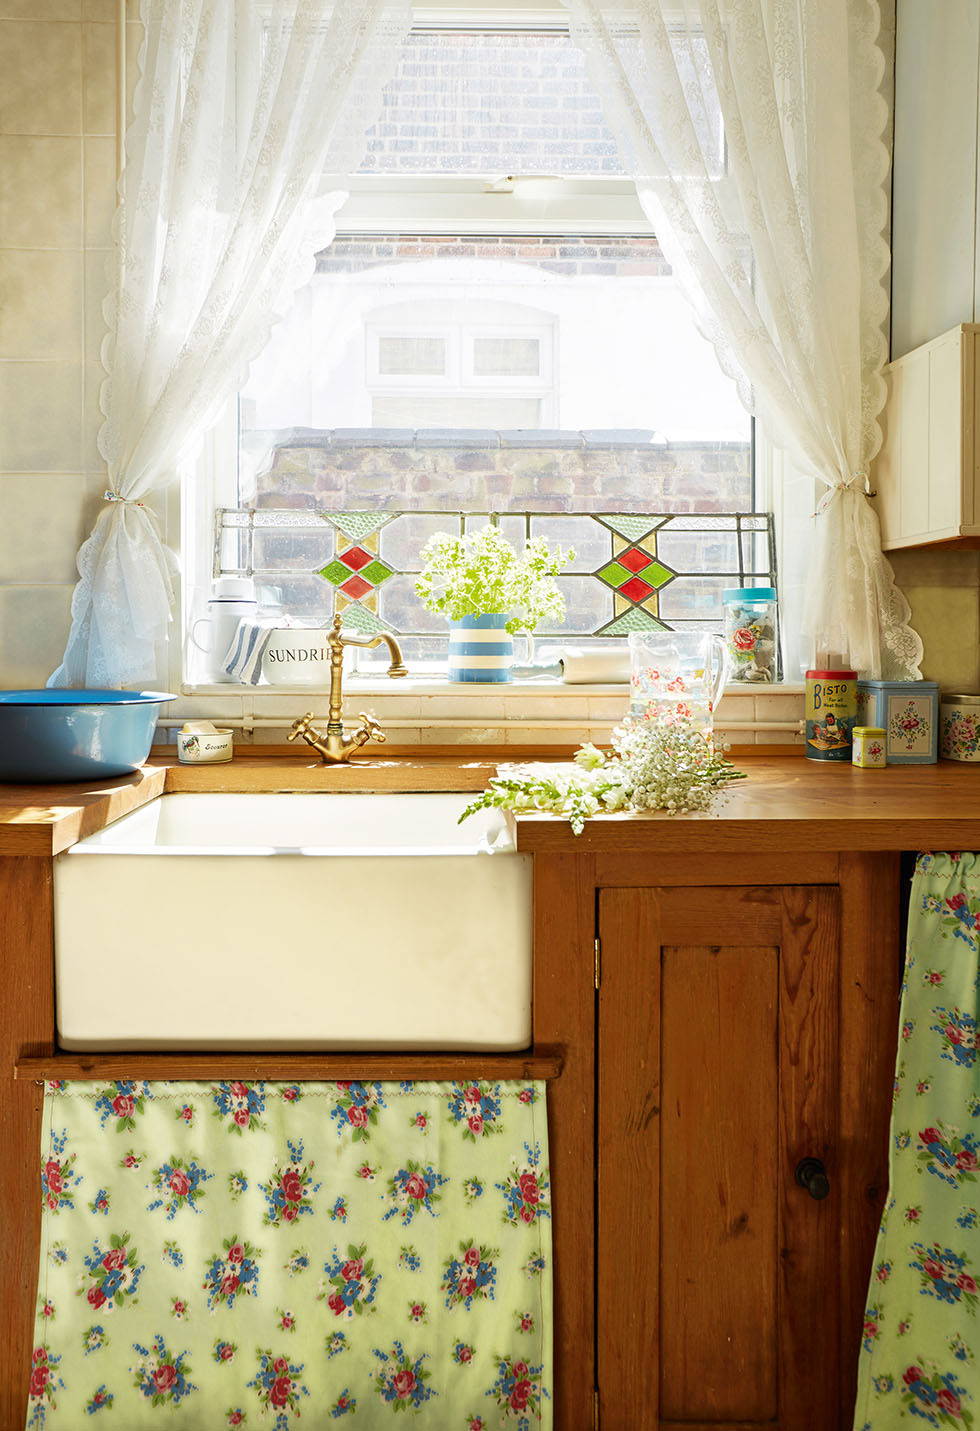 prescott-davies-kitchen-sink